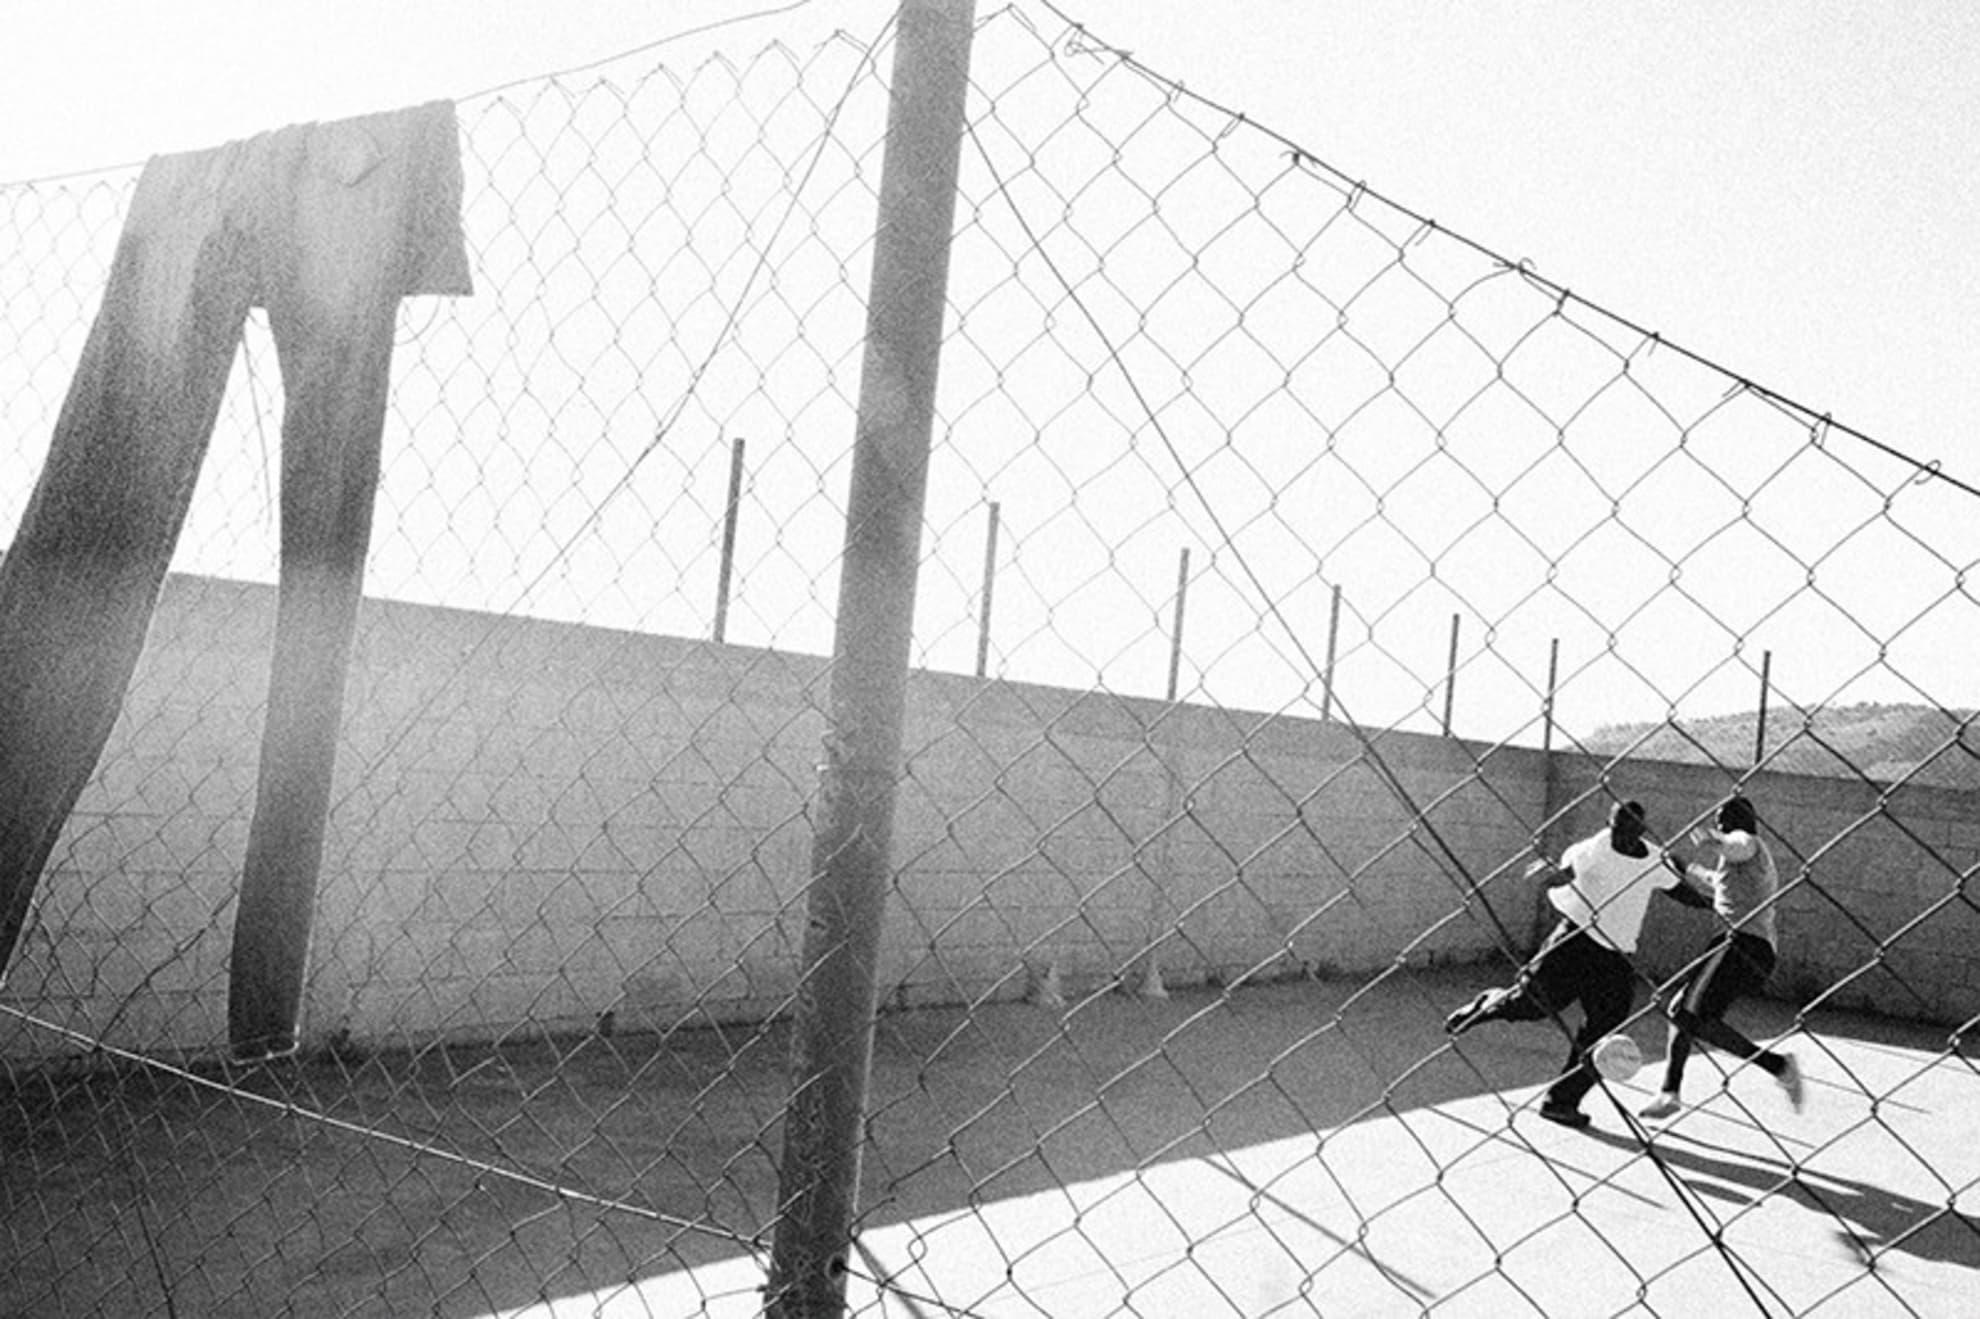 Los refugiados jugando al fútbol en el primer centro de recepción de Saline.